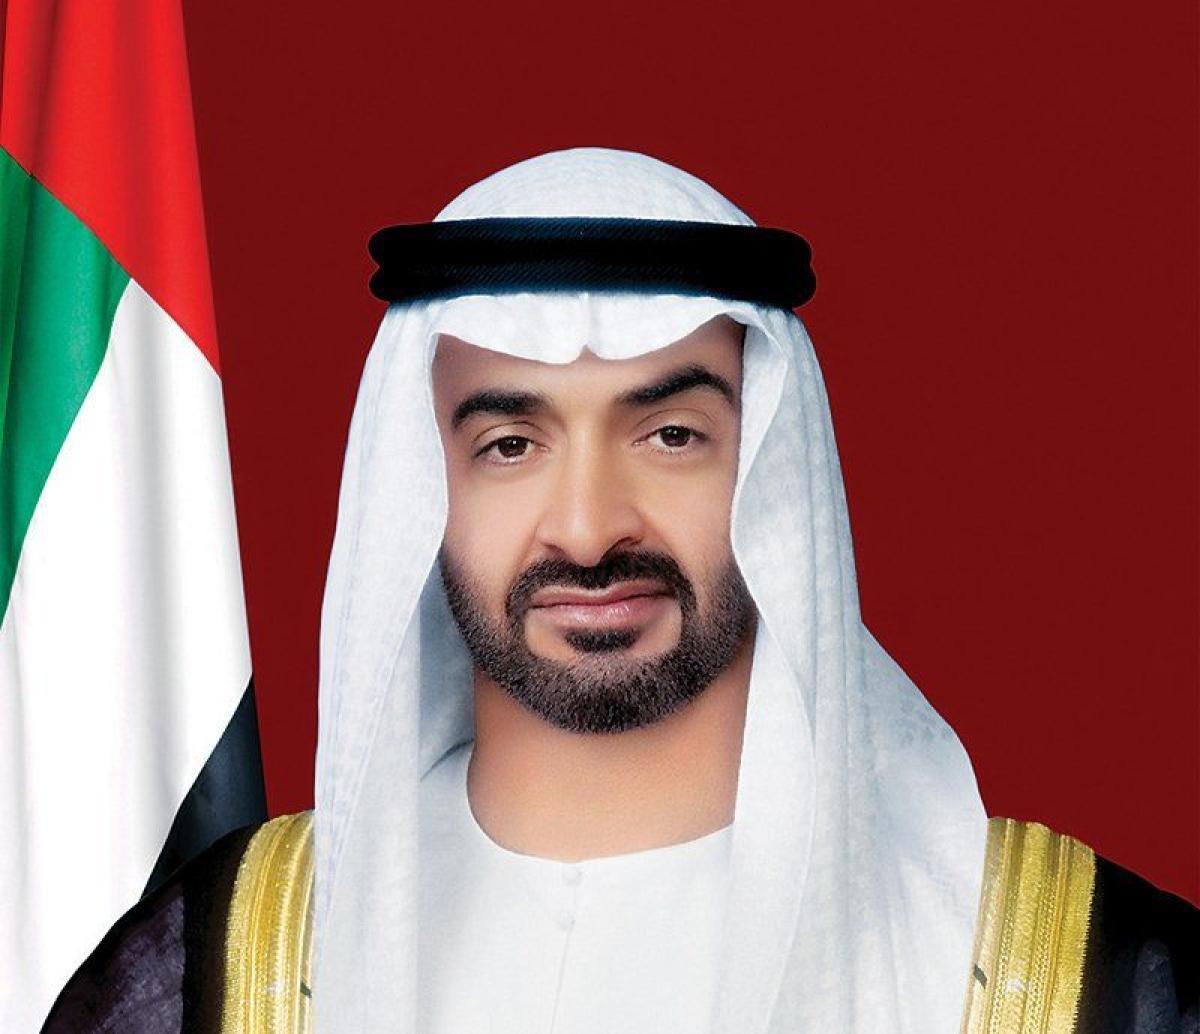 محمد بن زايد يعلن خروج الإمارات من أزمة كورونا وعودة لطبيعتها